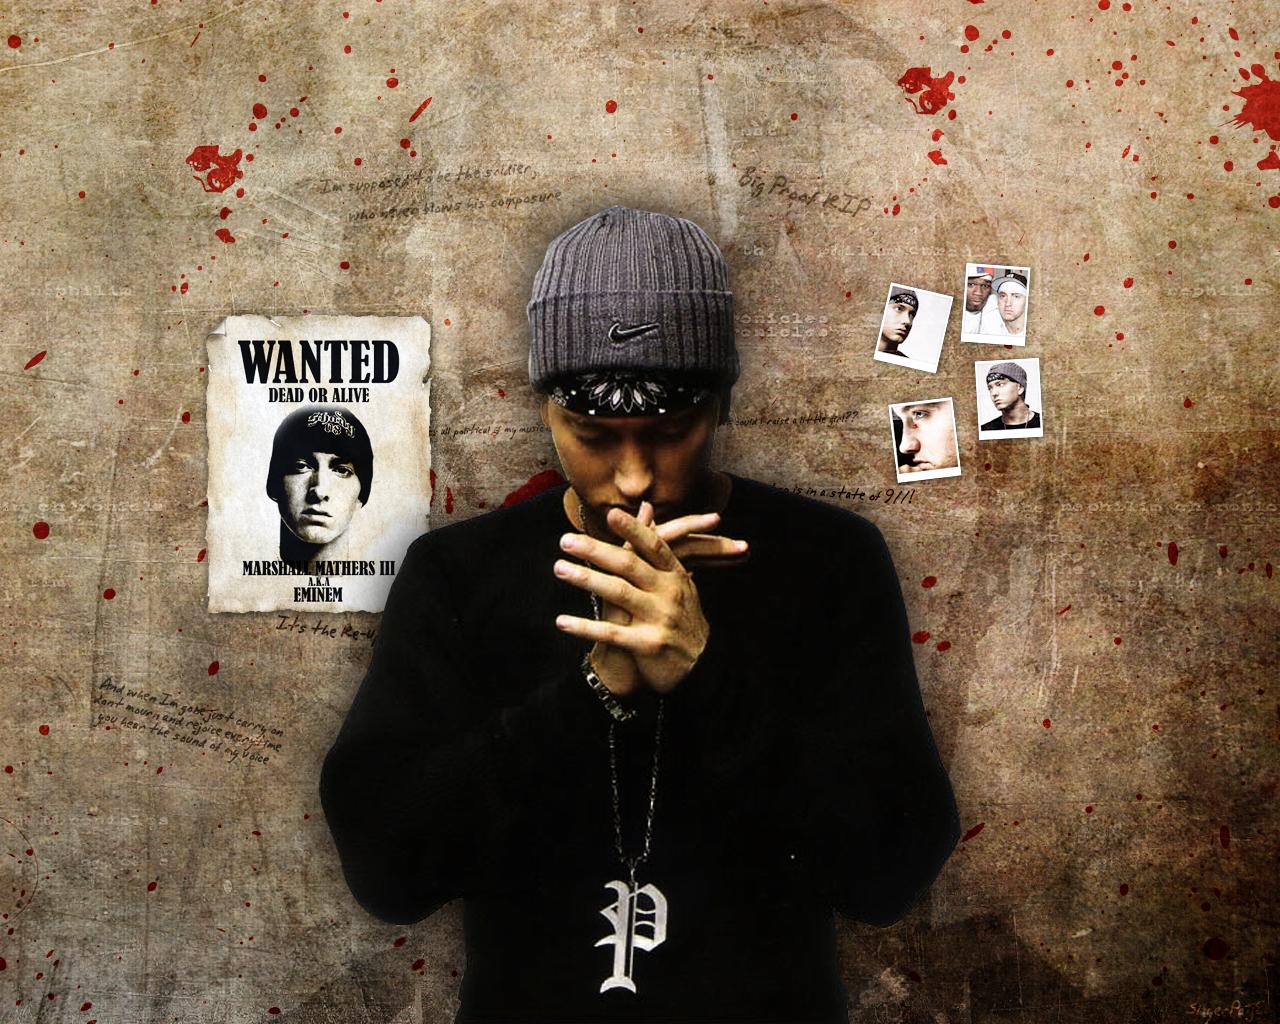 http://1.bp.blogspot.com/-zPkuIj1cQ7c/TtJ2r0rNuRI/AAAAAAAAAnw/Jv-gat-yEh0/s1600/Eminem_Desktop_Wallpaper_by_SlayerPaTjE.jpg